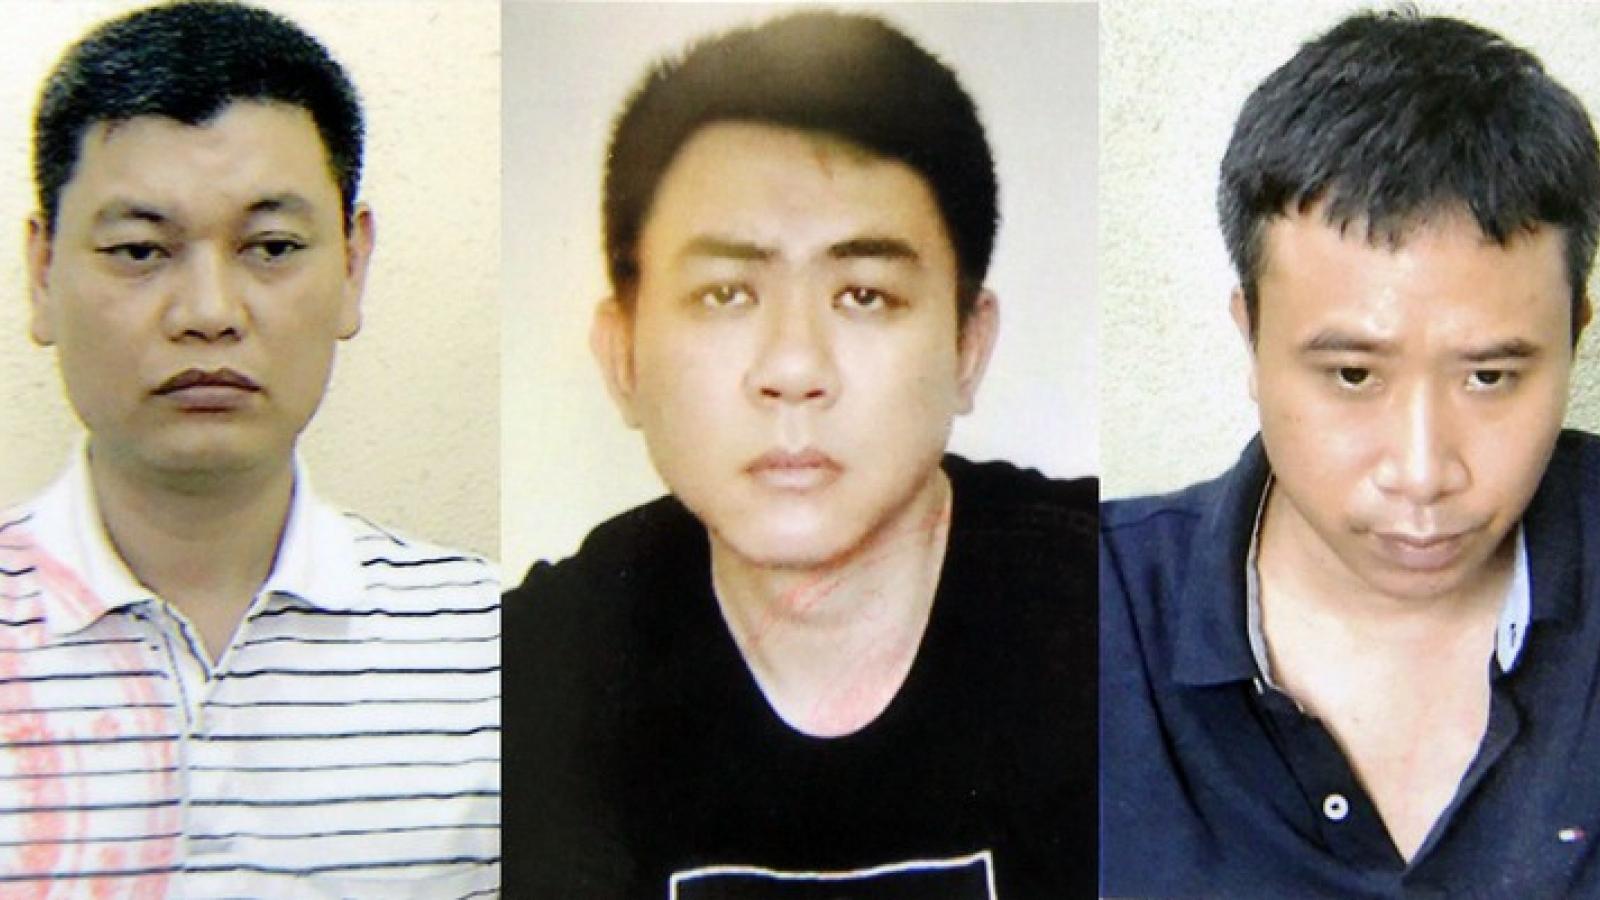 Nóng 24h: Lái xe của Chủ tịch UBND TP Hà Nội và 2 bị can bị khởi tố